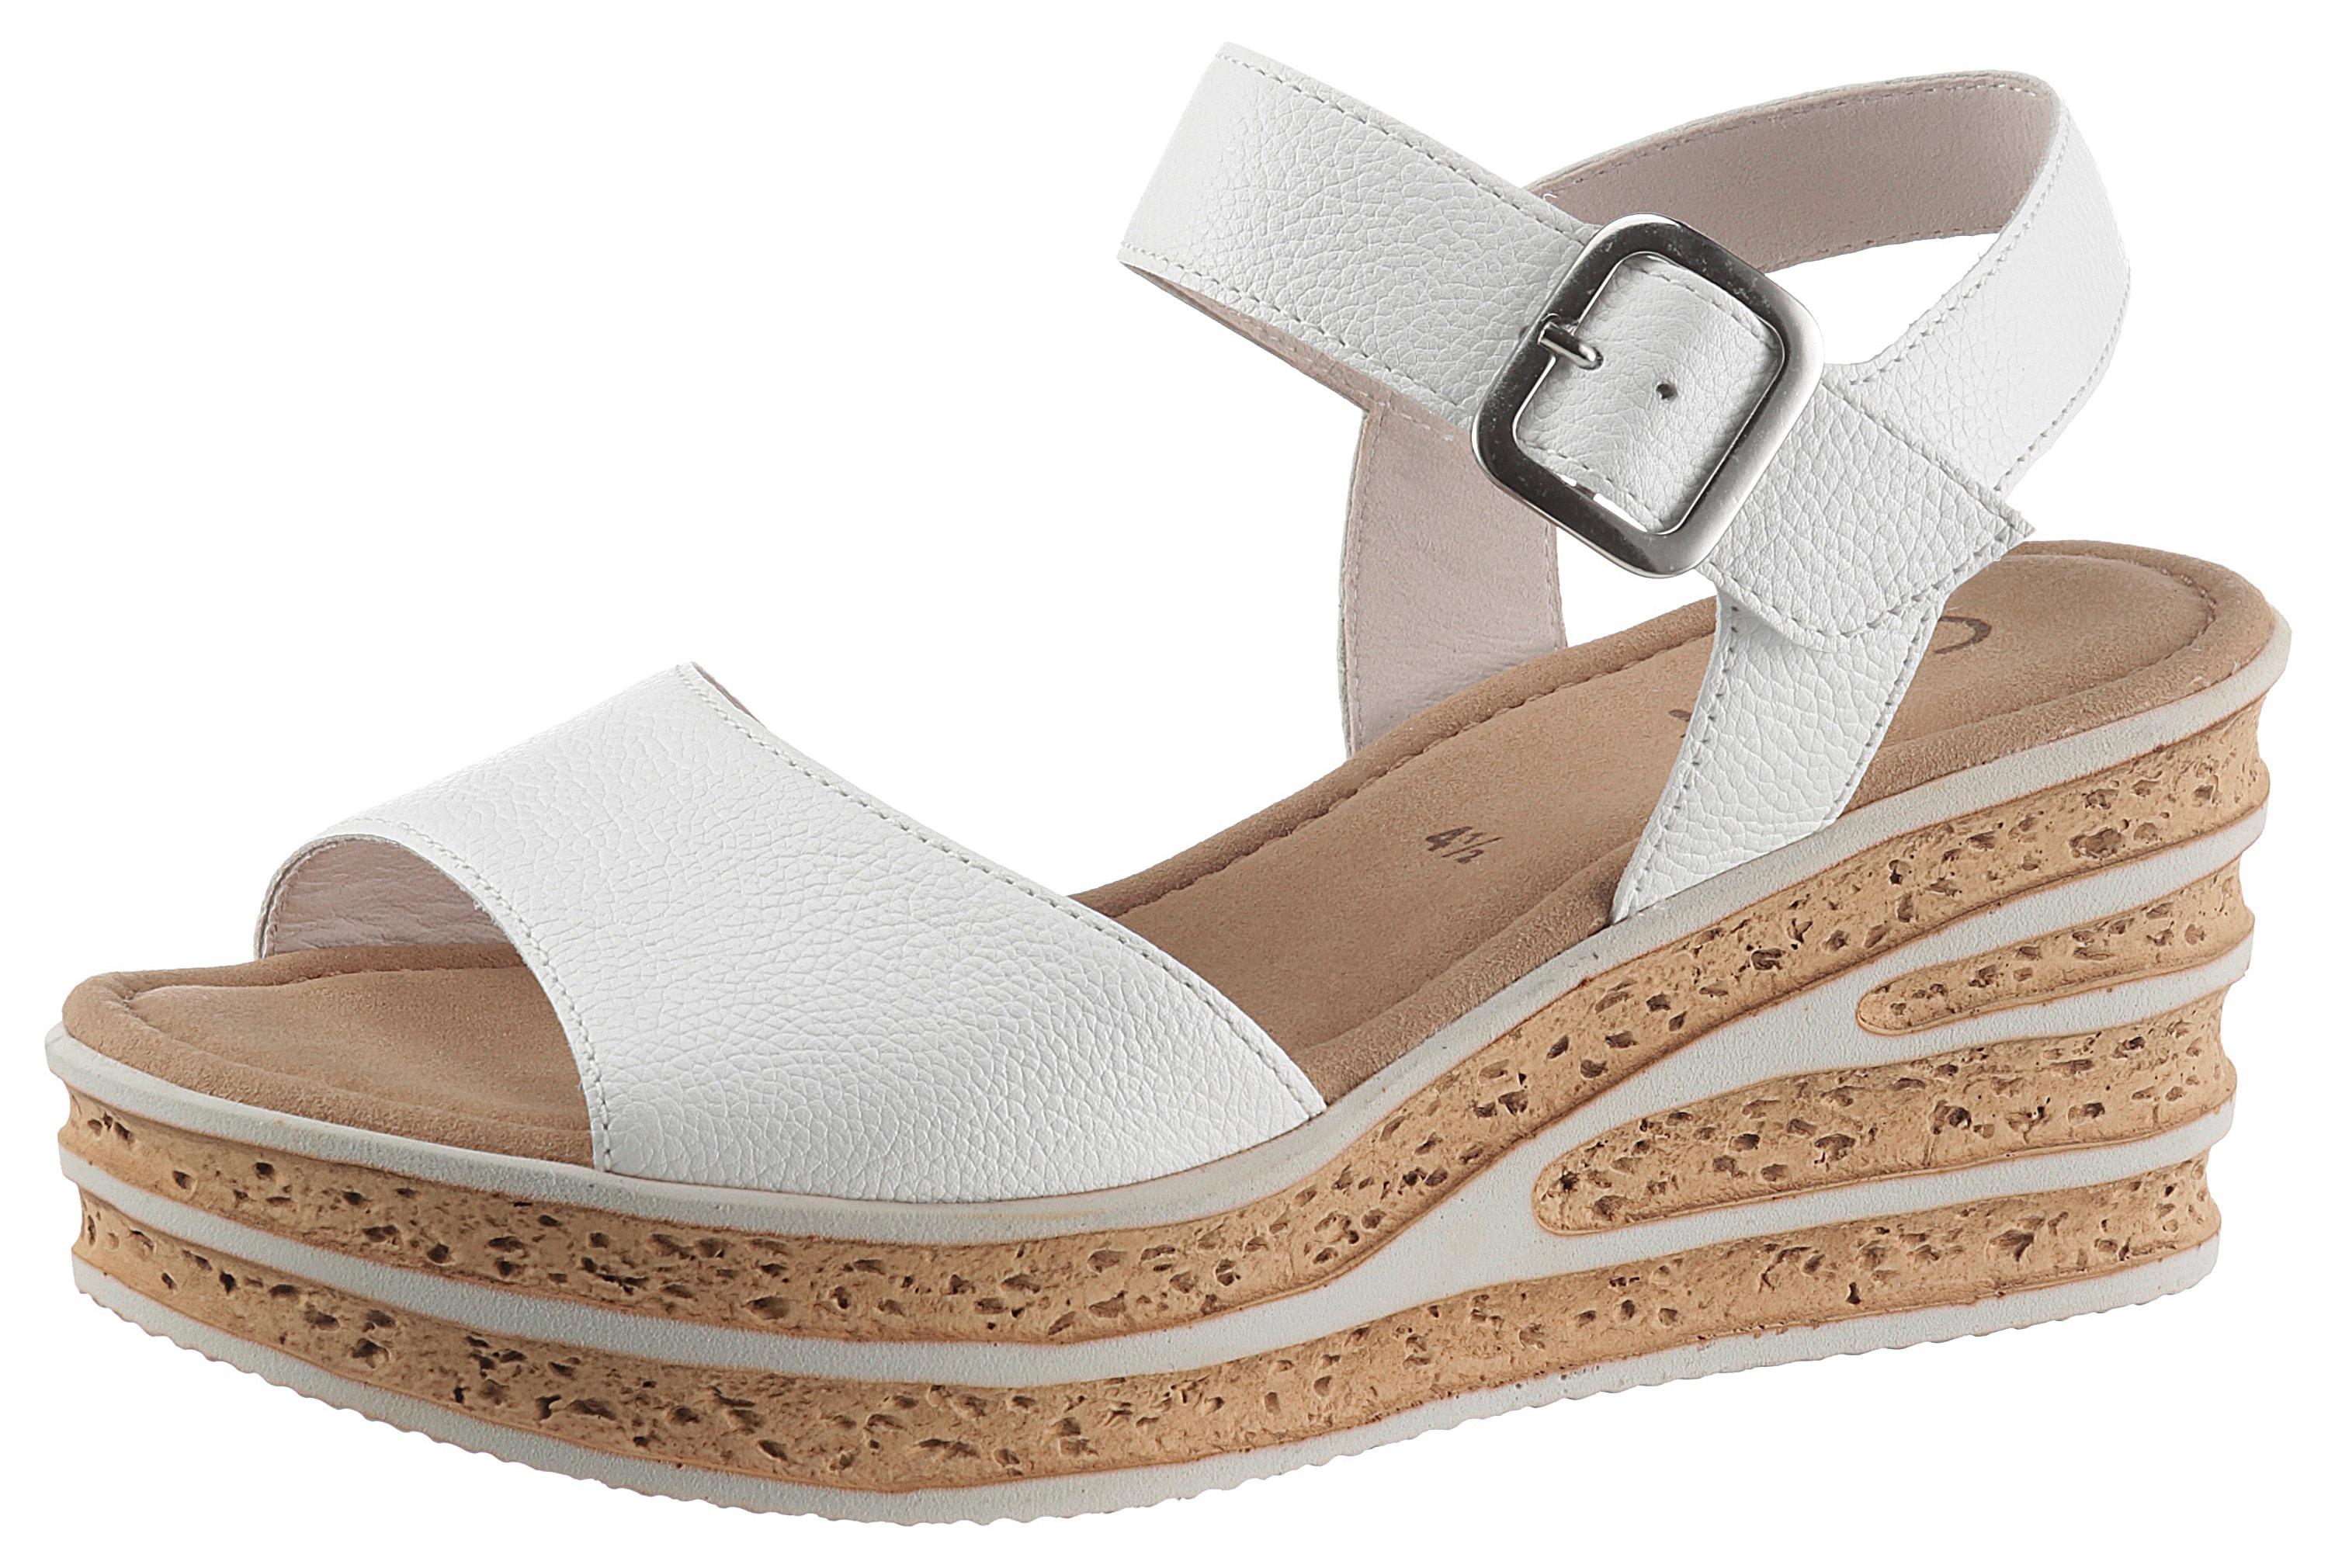 gabor -  Sandalette, mit besonderer Absatzgestaltung